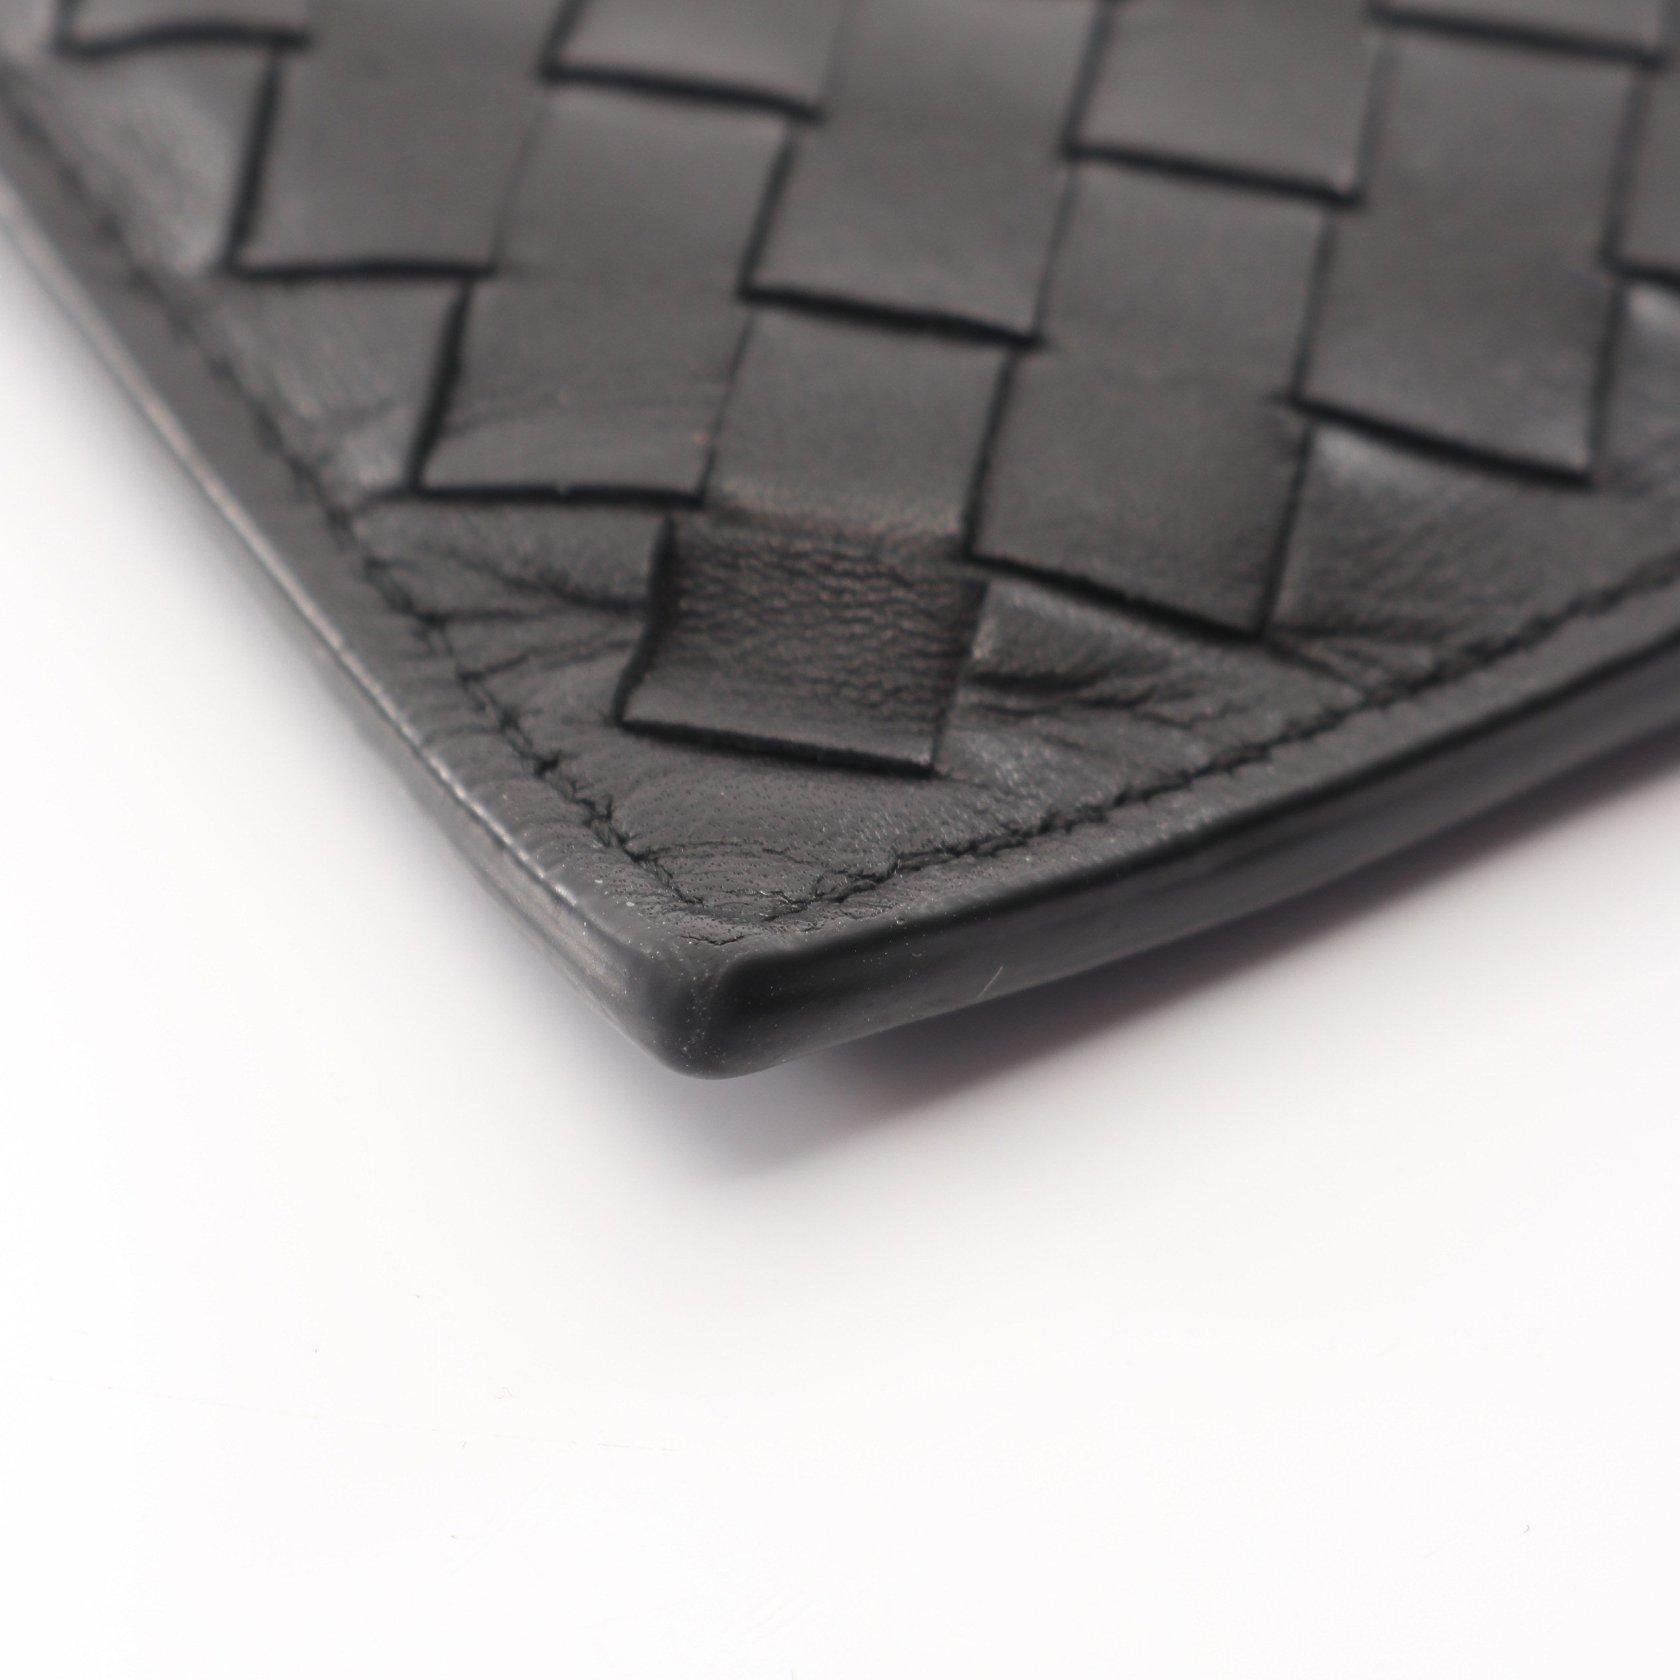 BOTTEGA VENETA・財布・小物・イントレチャート コインケース カードケース レザー ブラック